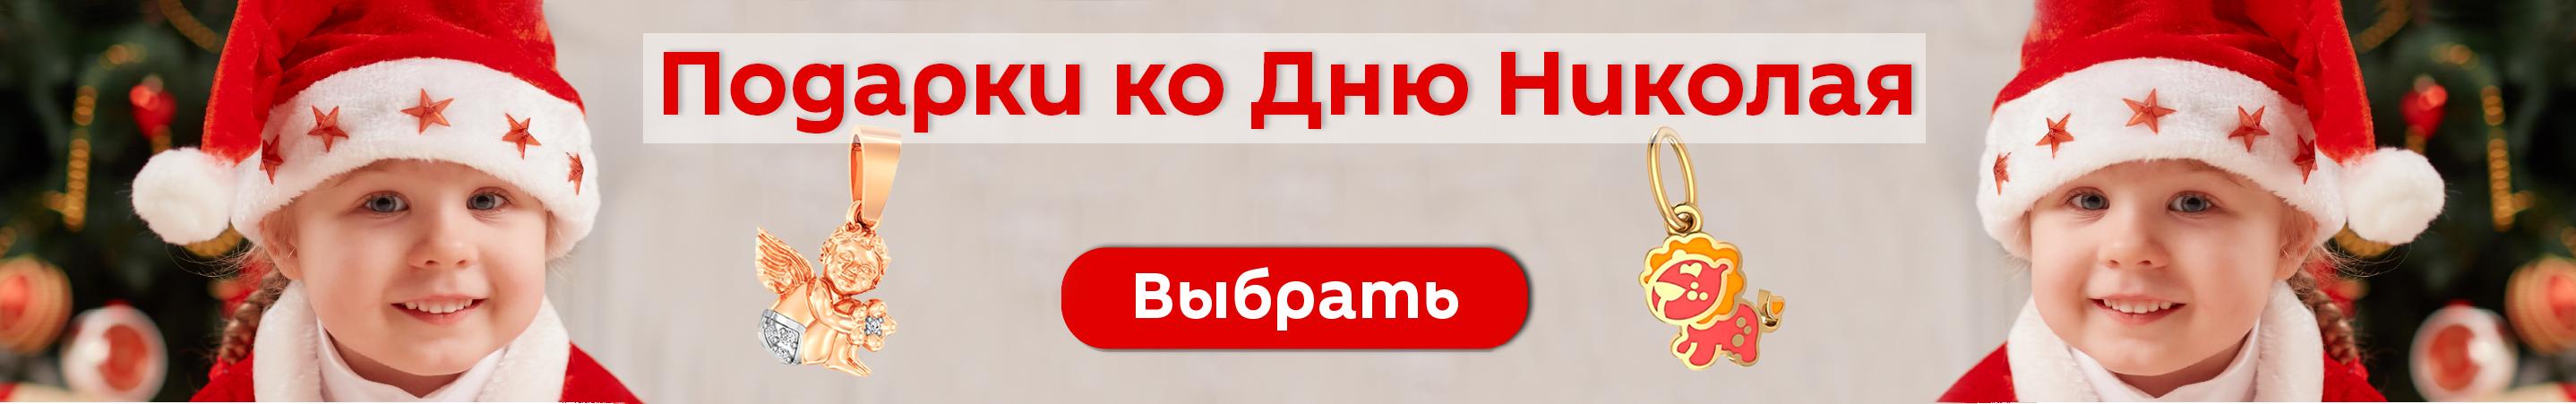 Лучшие ювелирные подарки для любимых детей ко Дню Николая в Zlato.ua